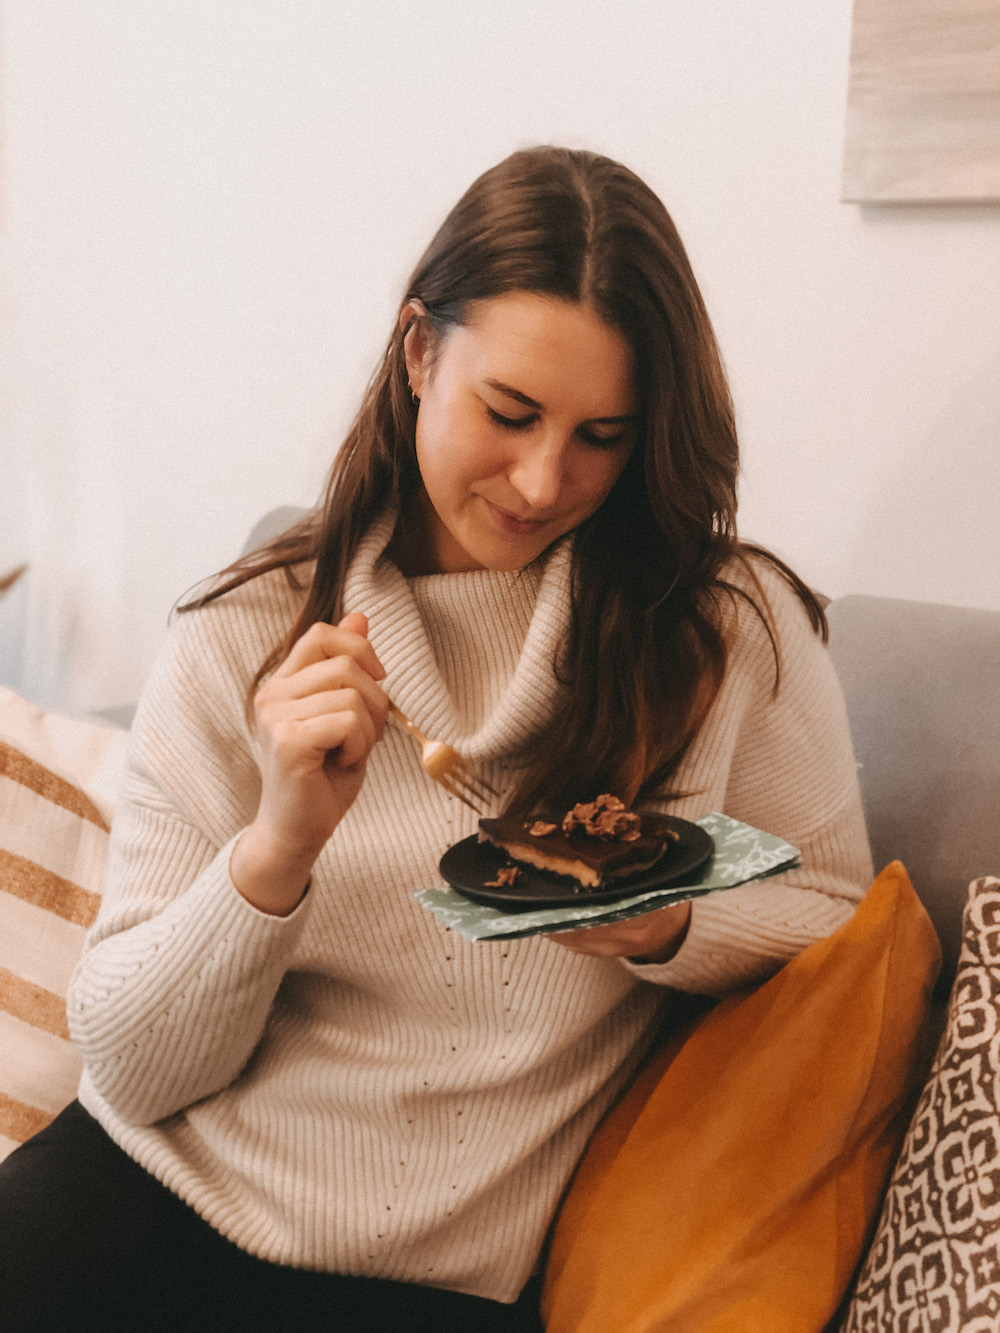 Frau-sitzt-auf-dem-Sofa-und-isst-ein-Stück-Kuchen